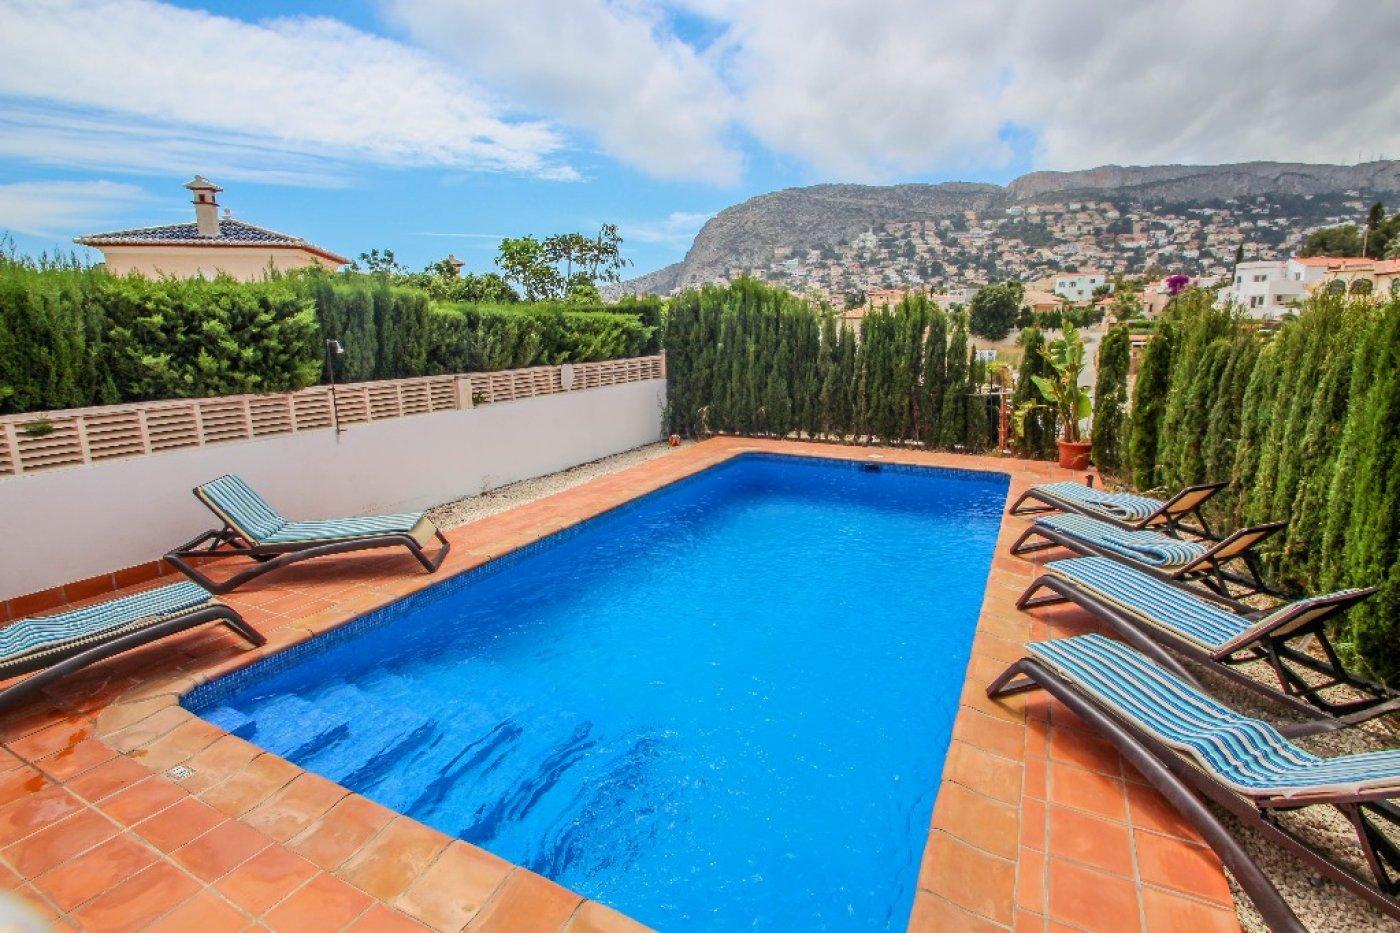 Villa - Klaar Om In Te Wonen - Puerto Blanco - Calpe